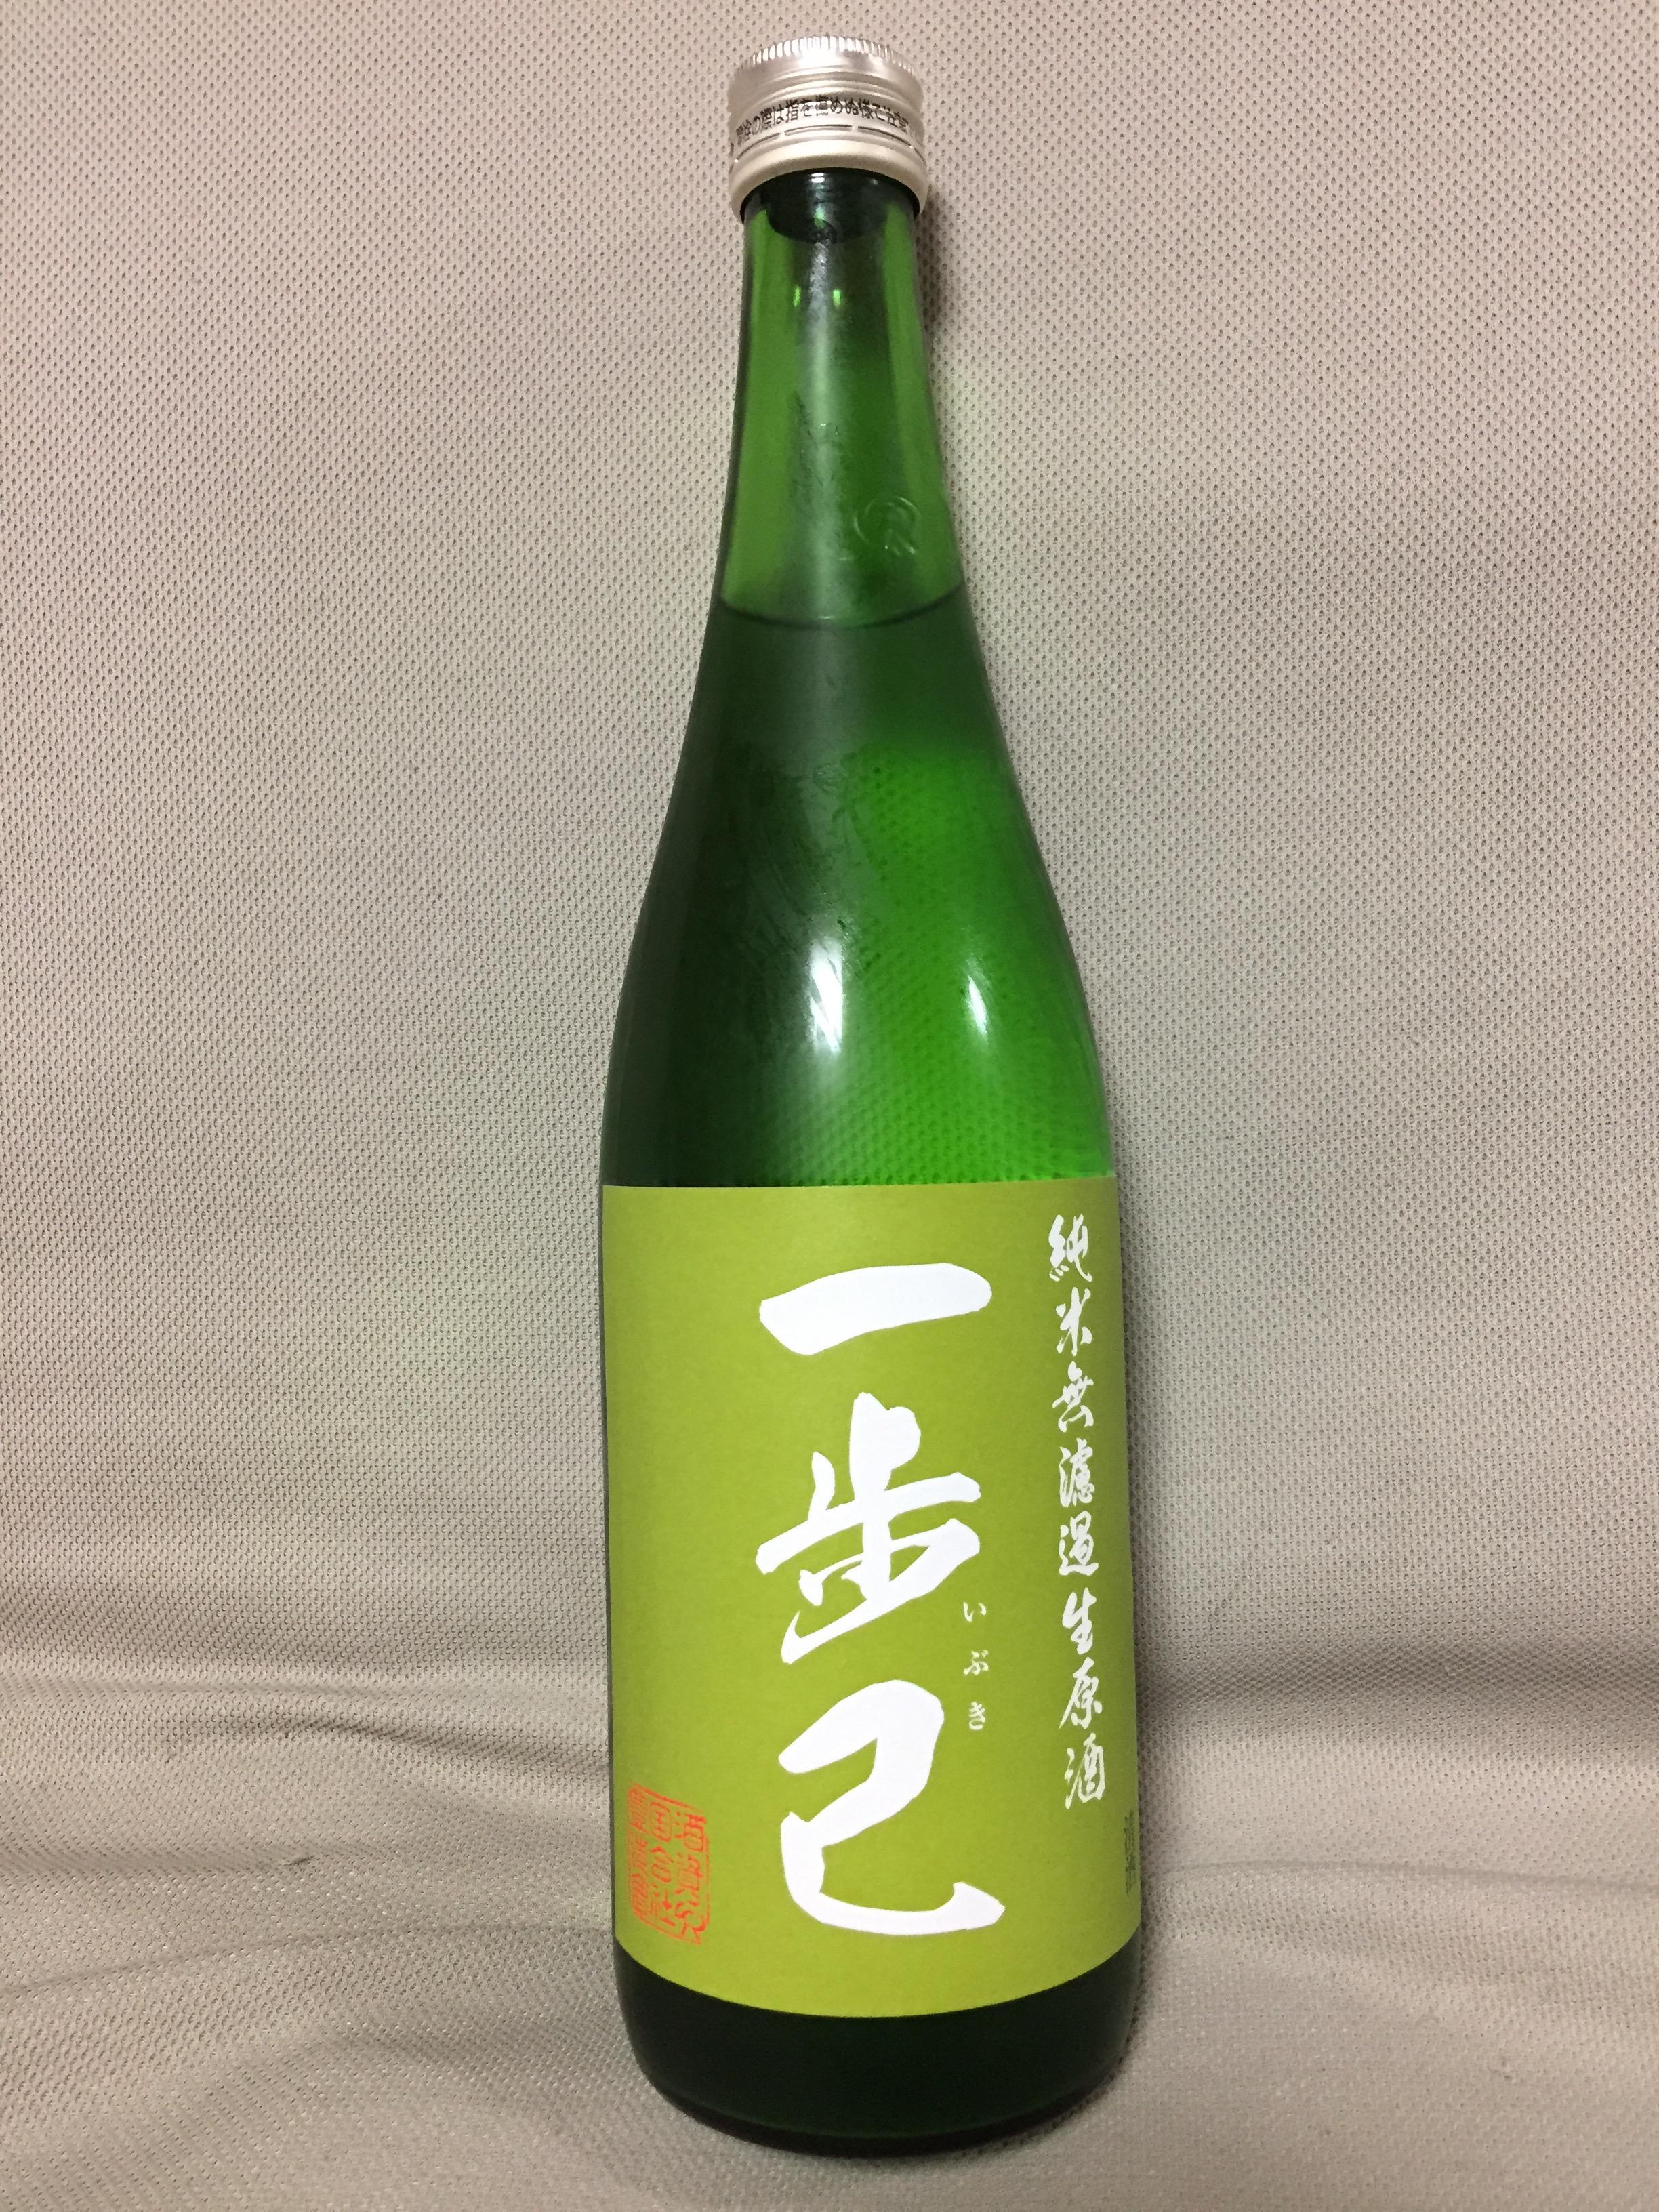 「#東北でよかった」。阿武隈の広大な自然が育んだ、美しい日本酒「一歩己」。がんばろう!東北。